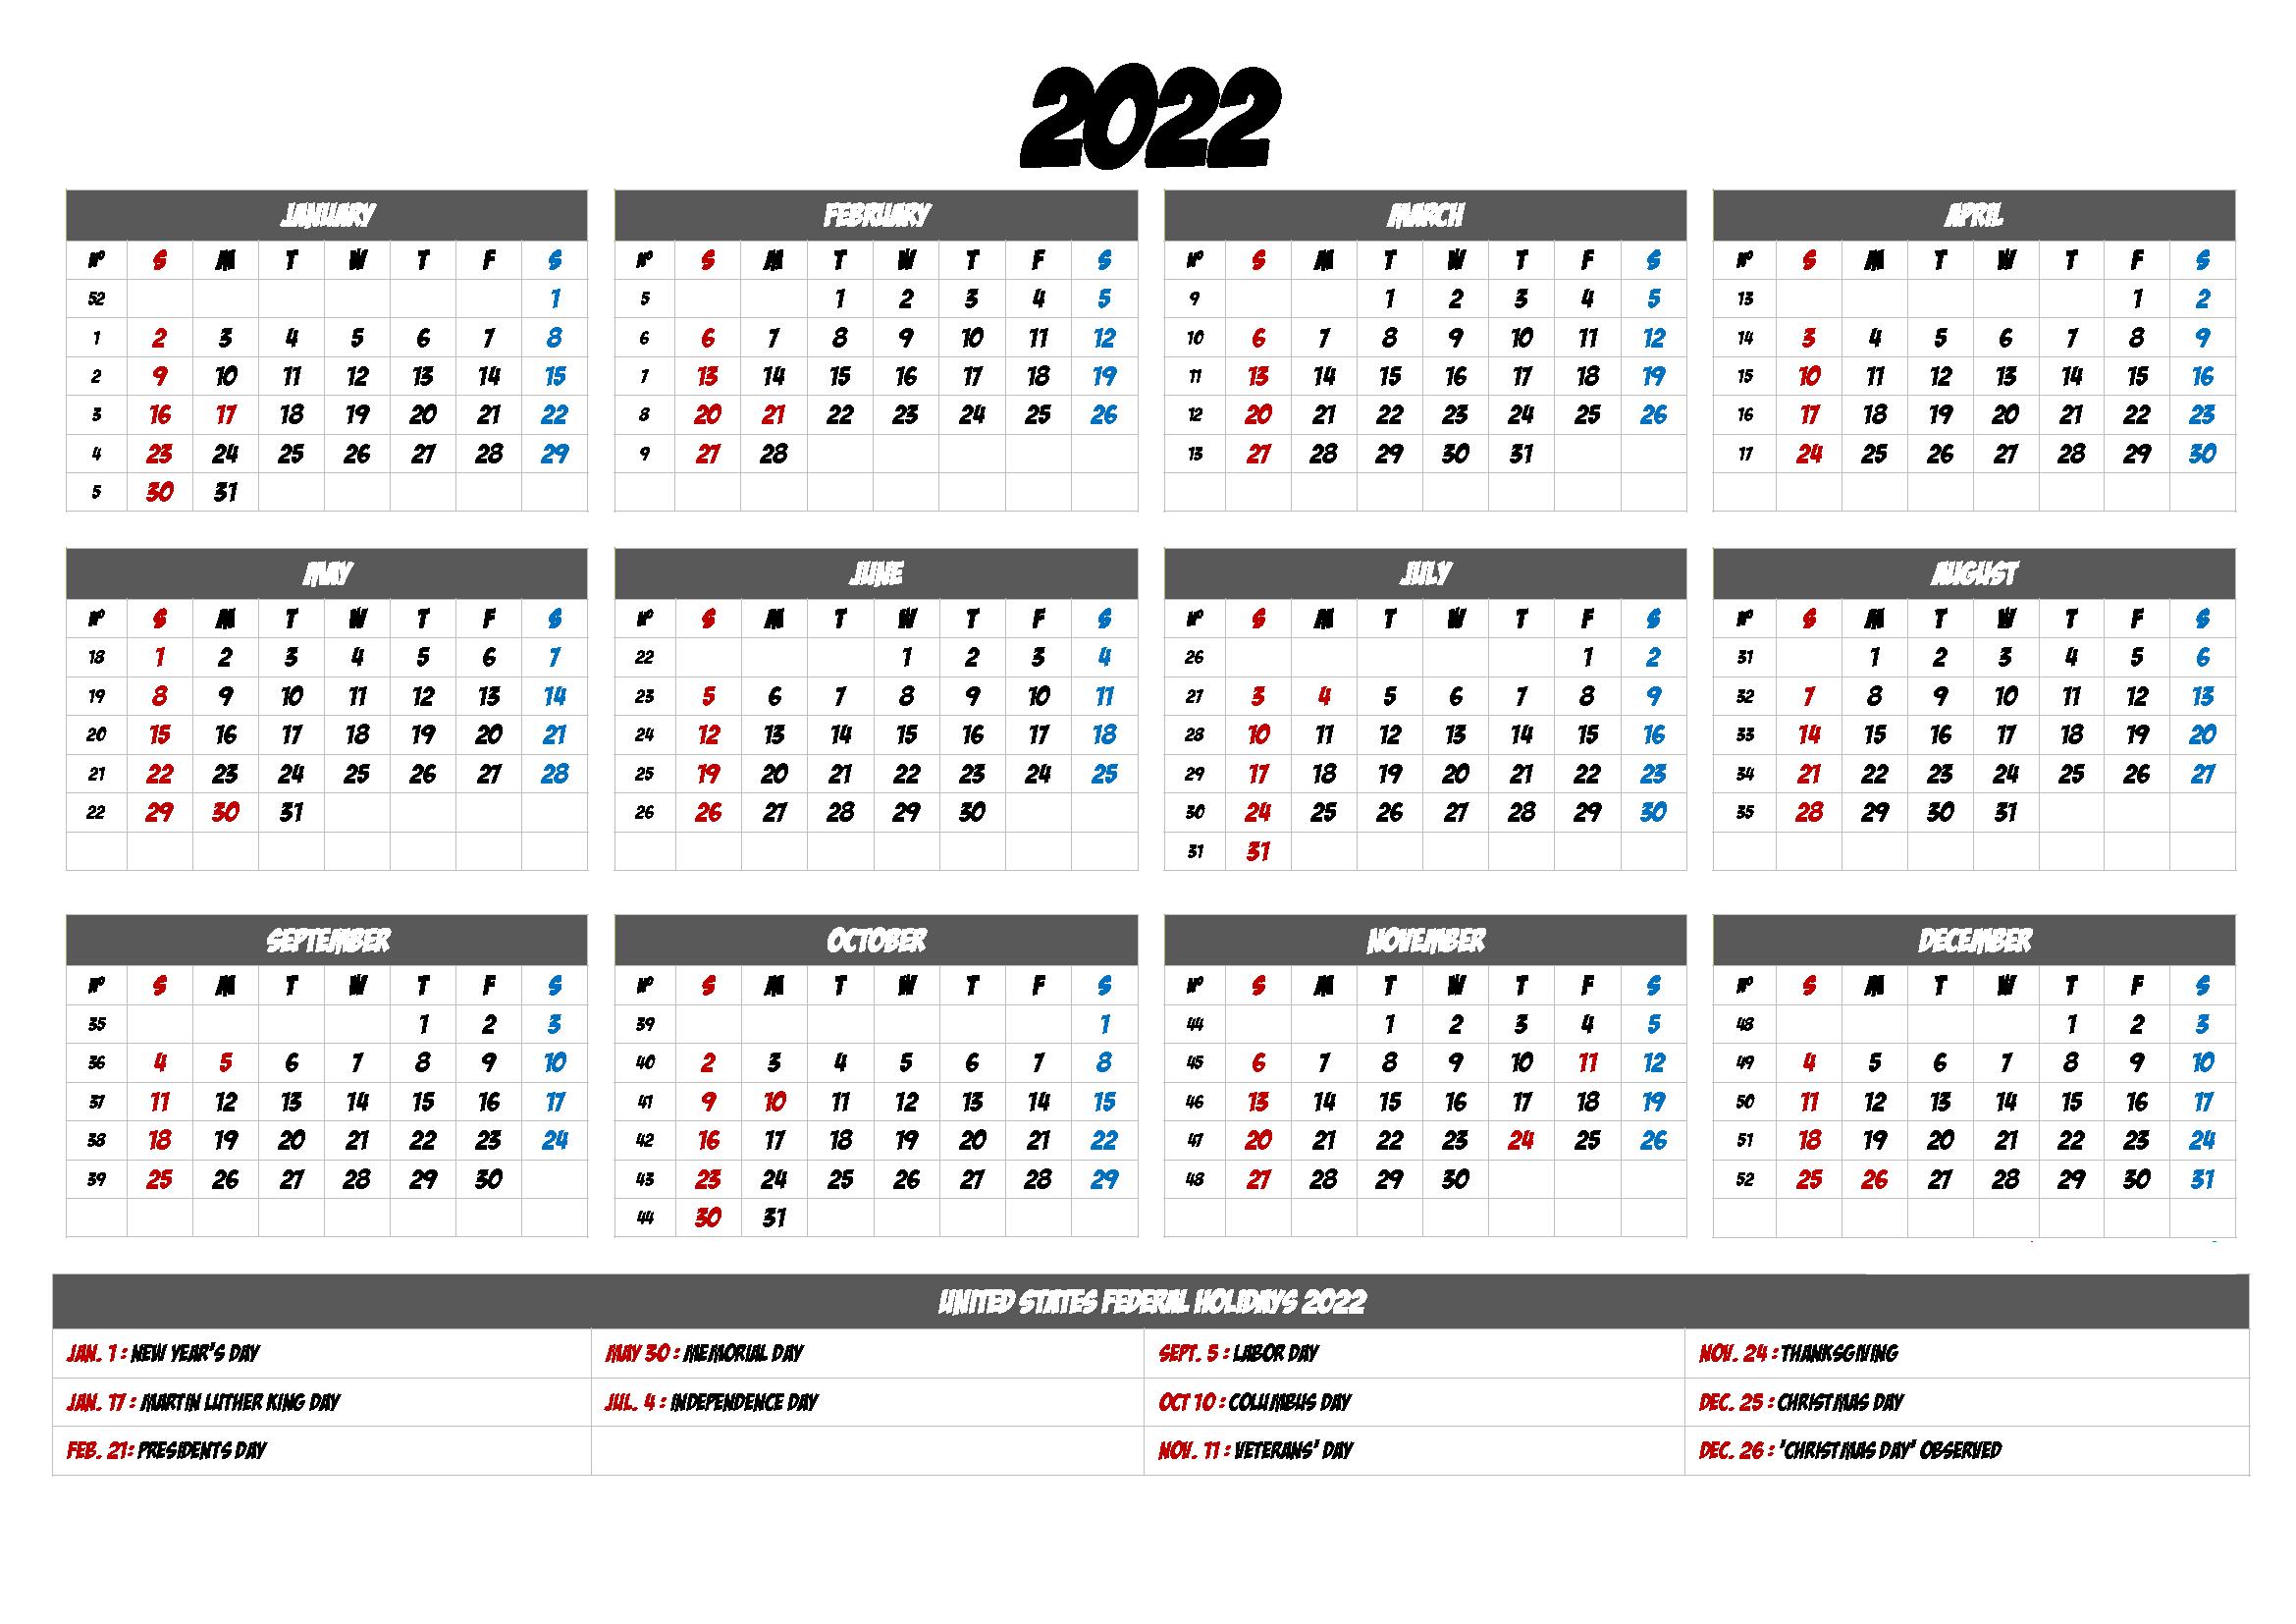 2022 Google Sheet Calendar Template